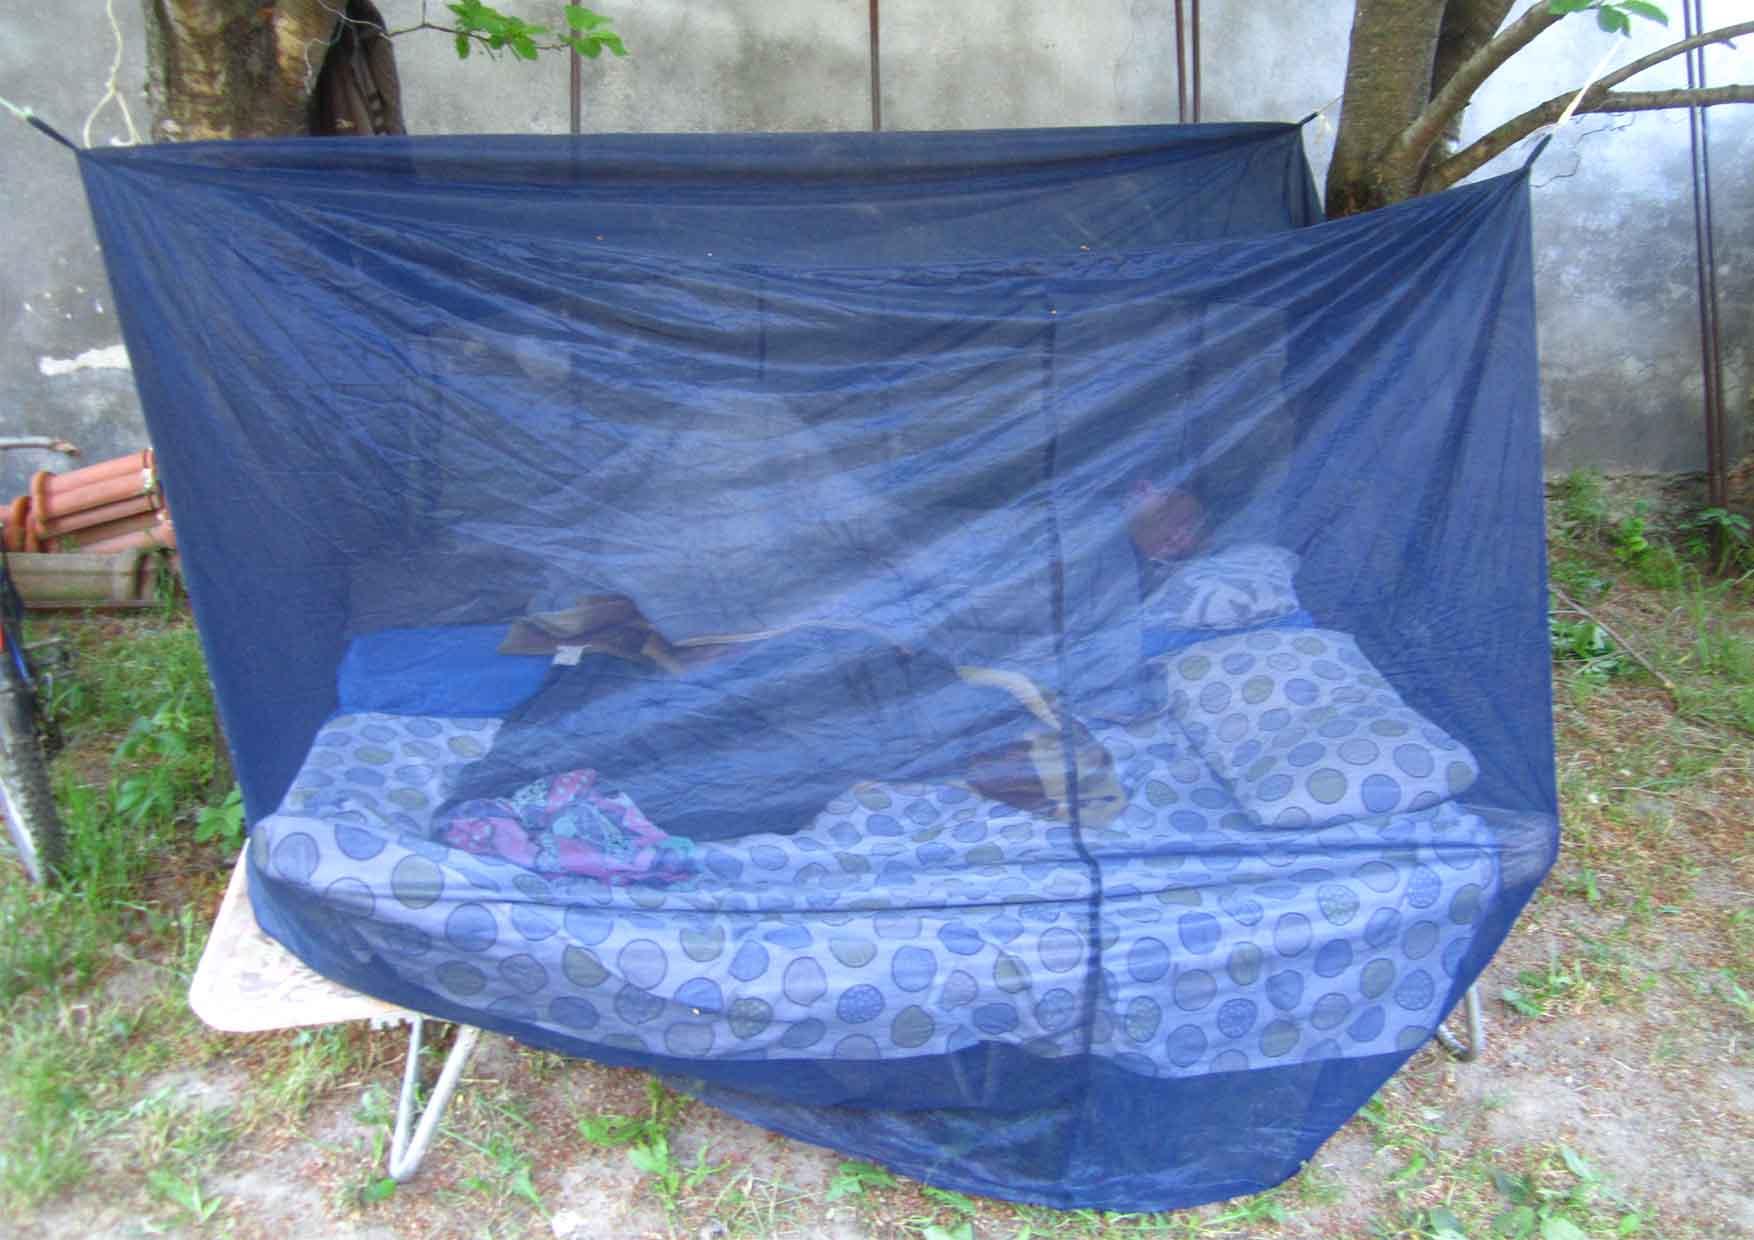 03 Mosorin pod od zemlje - prvo spavanje napolju